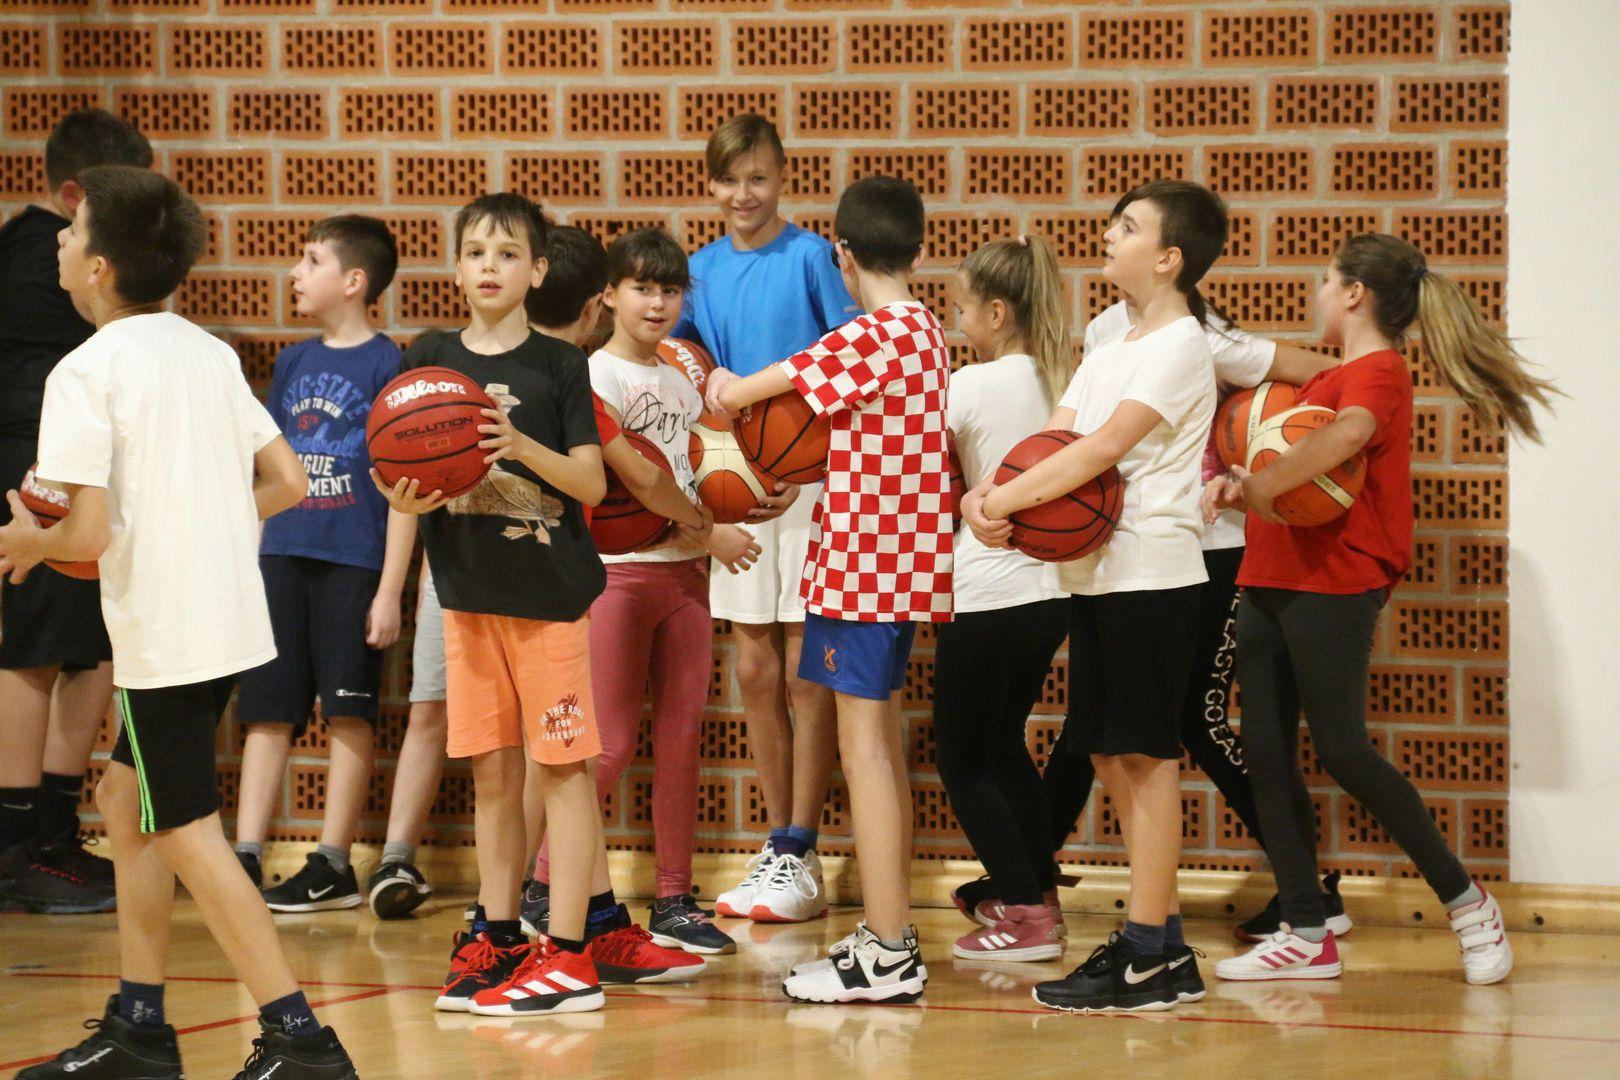 Košarkaške uzdanice usavršavale vođenje i dvokorak pod vodstvom trenera Tomrlina